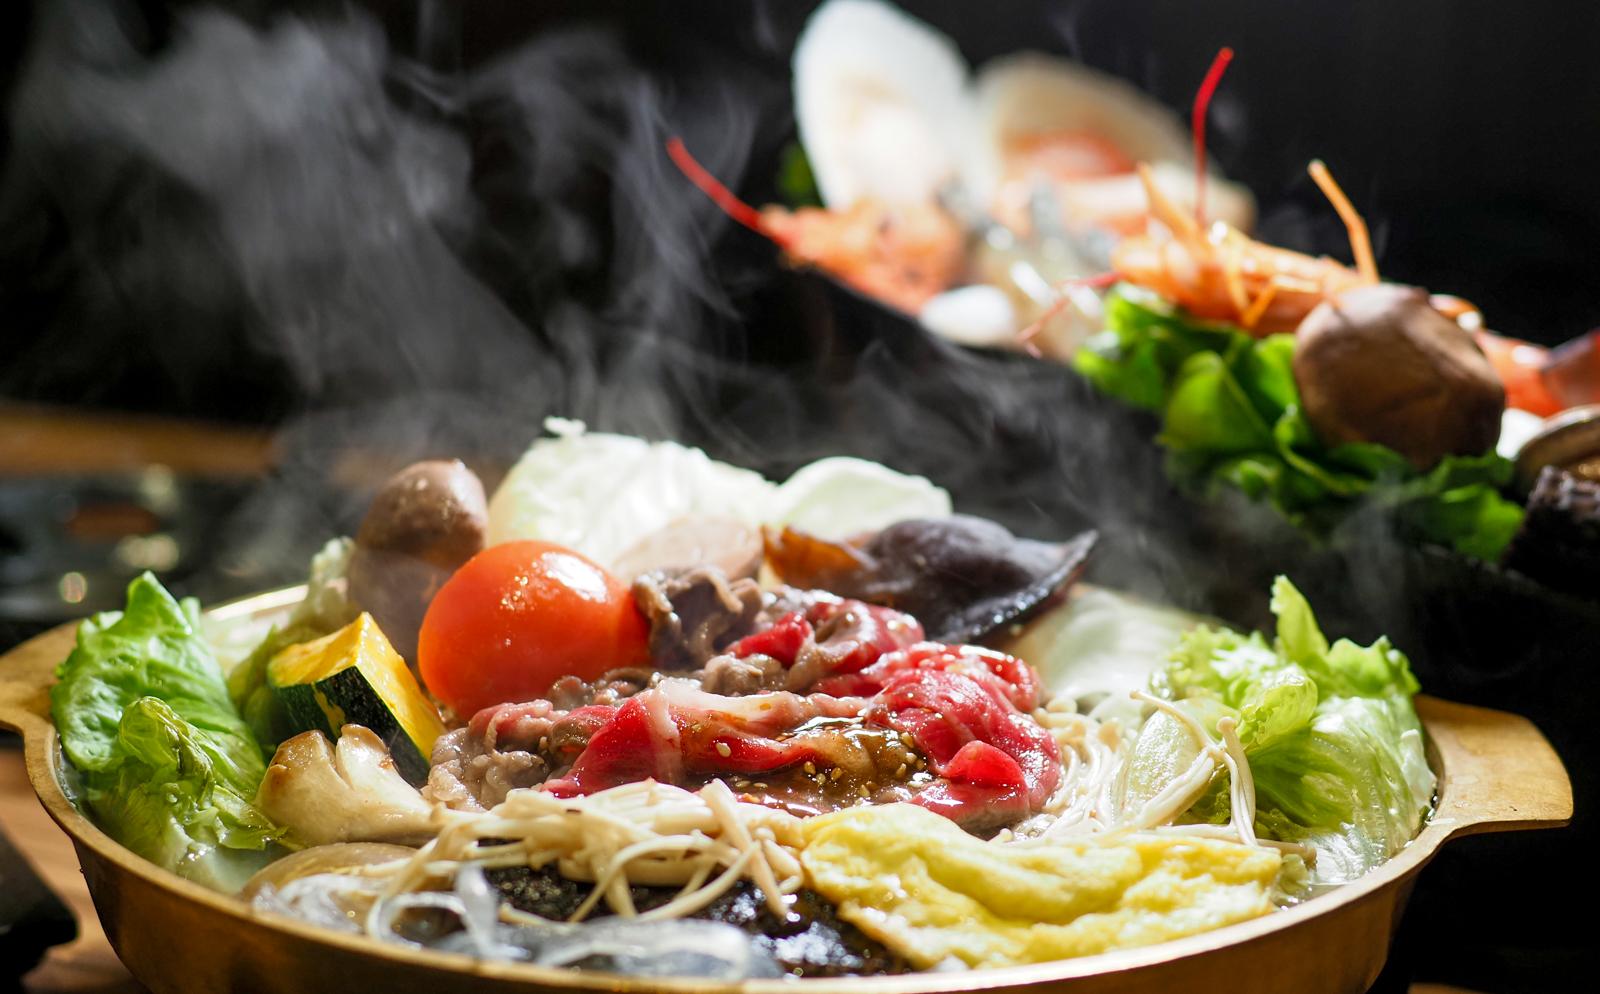 【東區火鍋推薦】咕咕咕嚕 日式昆布火鍋 | 韓式銅盤烤肉 這家銅盤烤肉美味我給東區第一